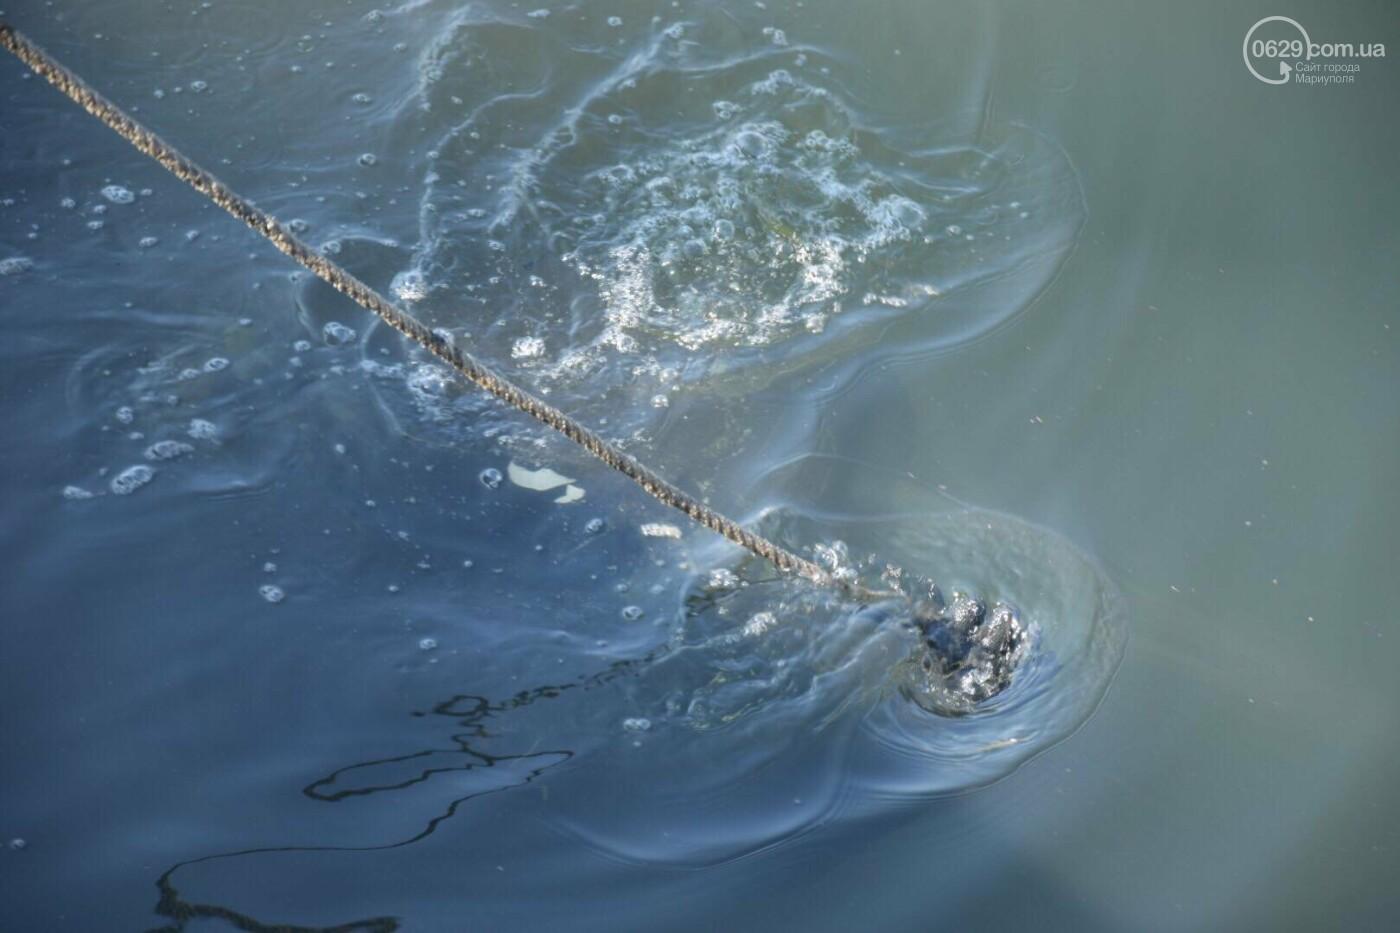 В Мариуполе водолазы очищают Кальчик от пластикового мусора, - ФОТОРЕПОРТАЖ, ВИДЕО, фото-8